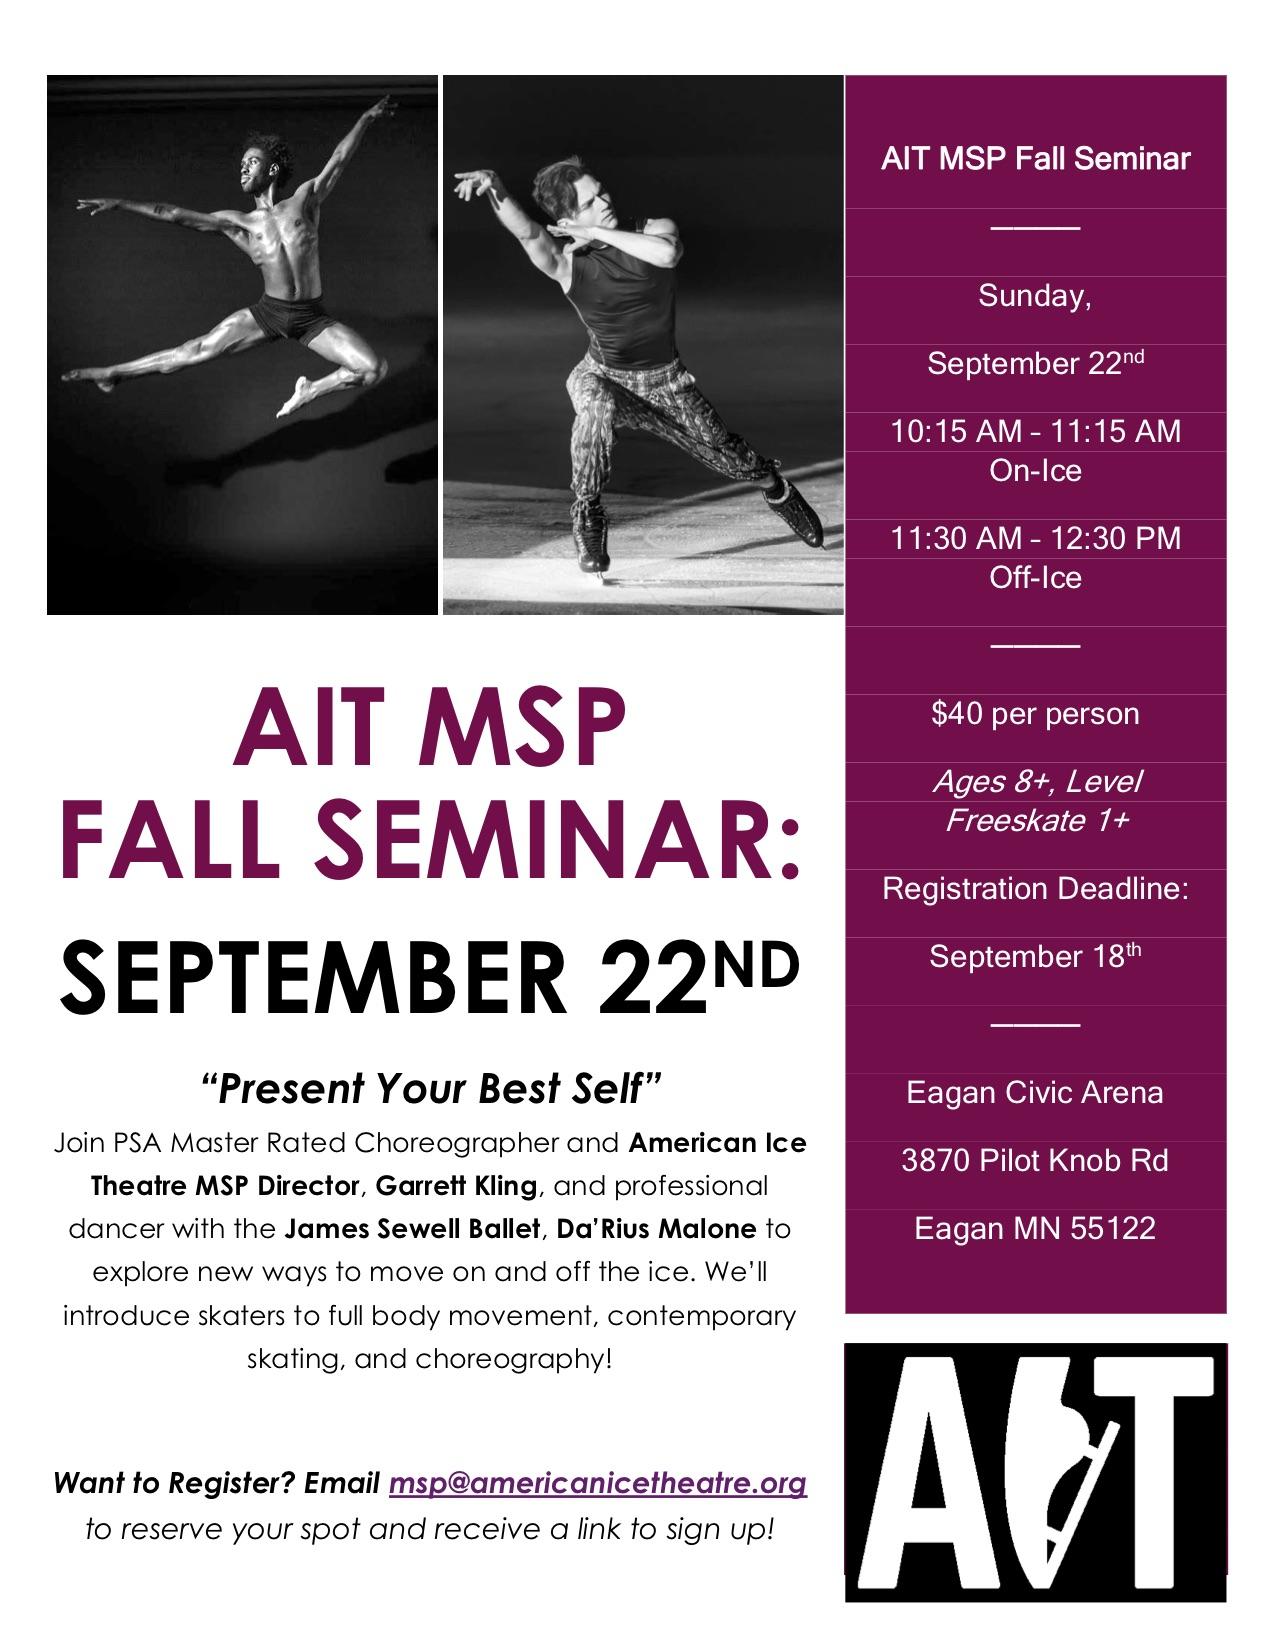 AIT MSP Fall Seminar 2019